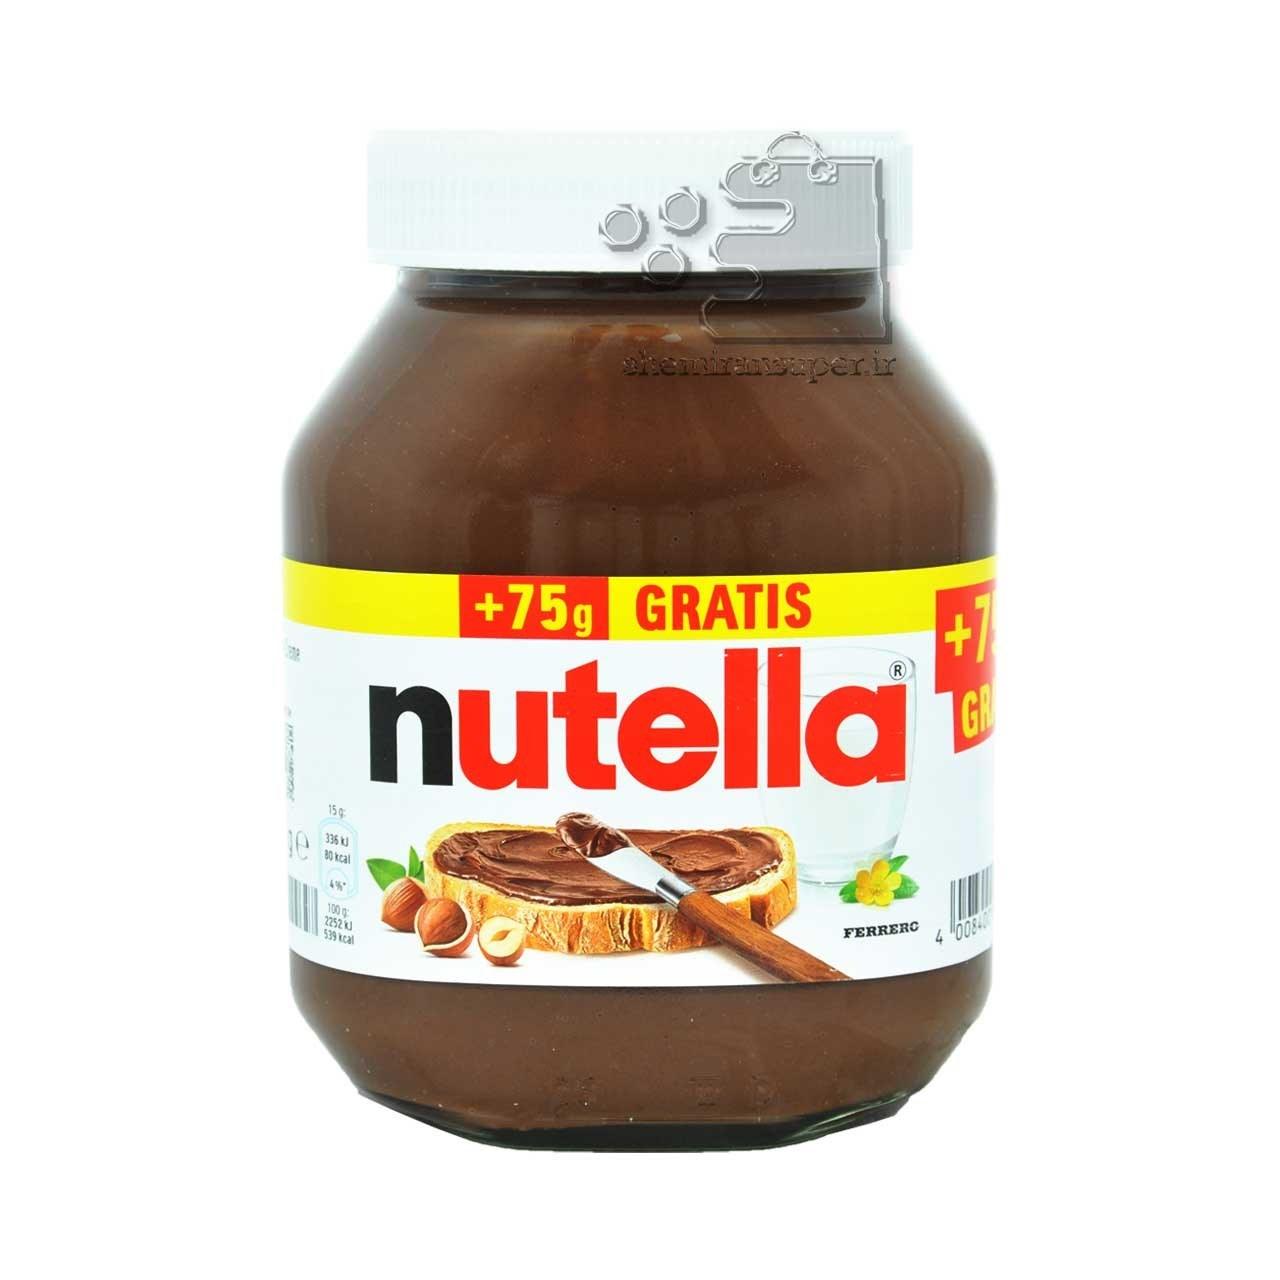 تصویر شکلات صبحانه فندقی ۸۲۵ گرم نوتلا – nutella